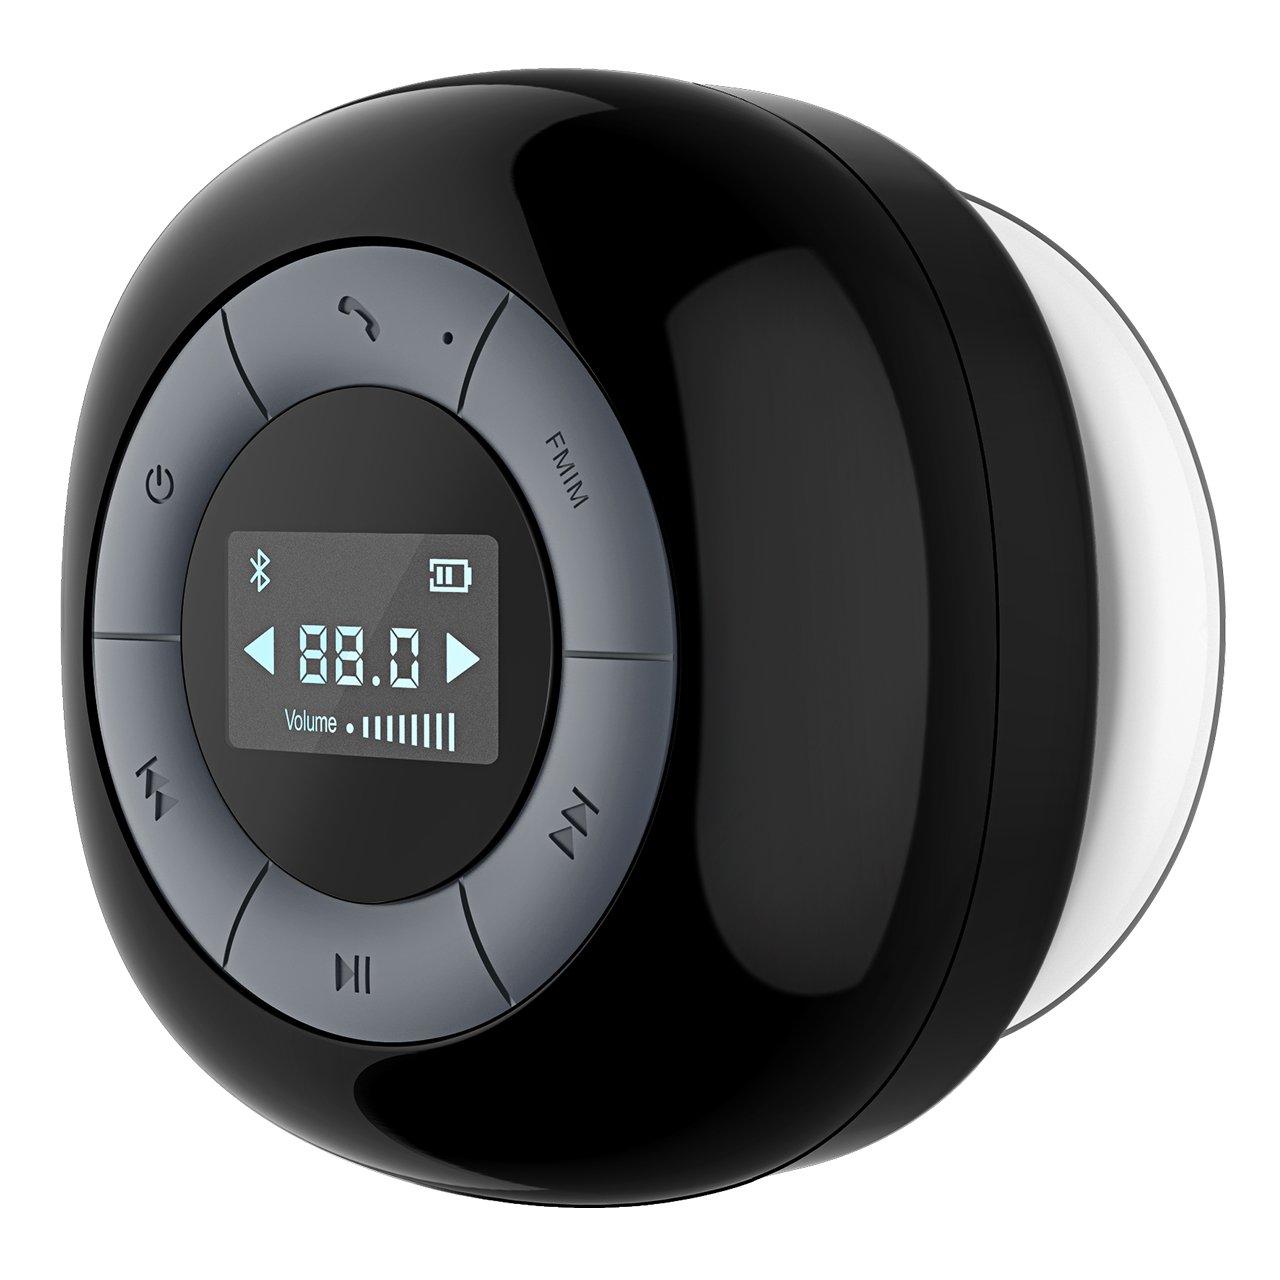 Altoparlante Bluetooth Impermeabile da Doccia VicTsing Altoparlante Bluetooth 4.0 con Microfono Incorporato Radio FM Schermo LCD Ventosa per Doccia / Bagno / Casa / Esterno per iPhone e Smartphone Android e Tablet PC, ecc, Blu VBS1D-vit